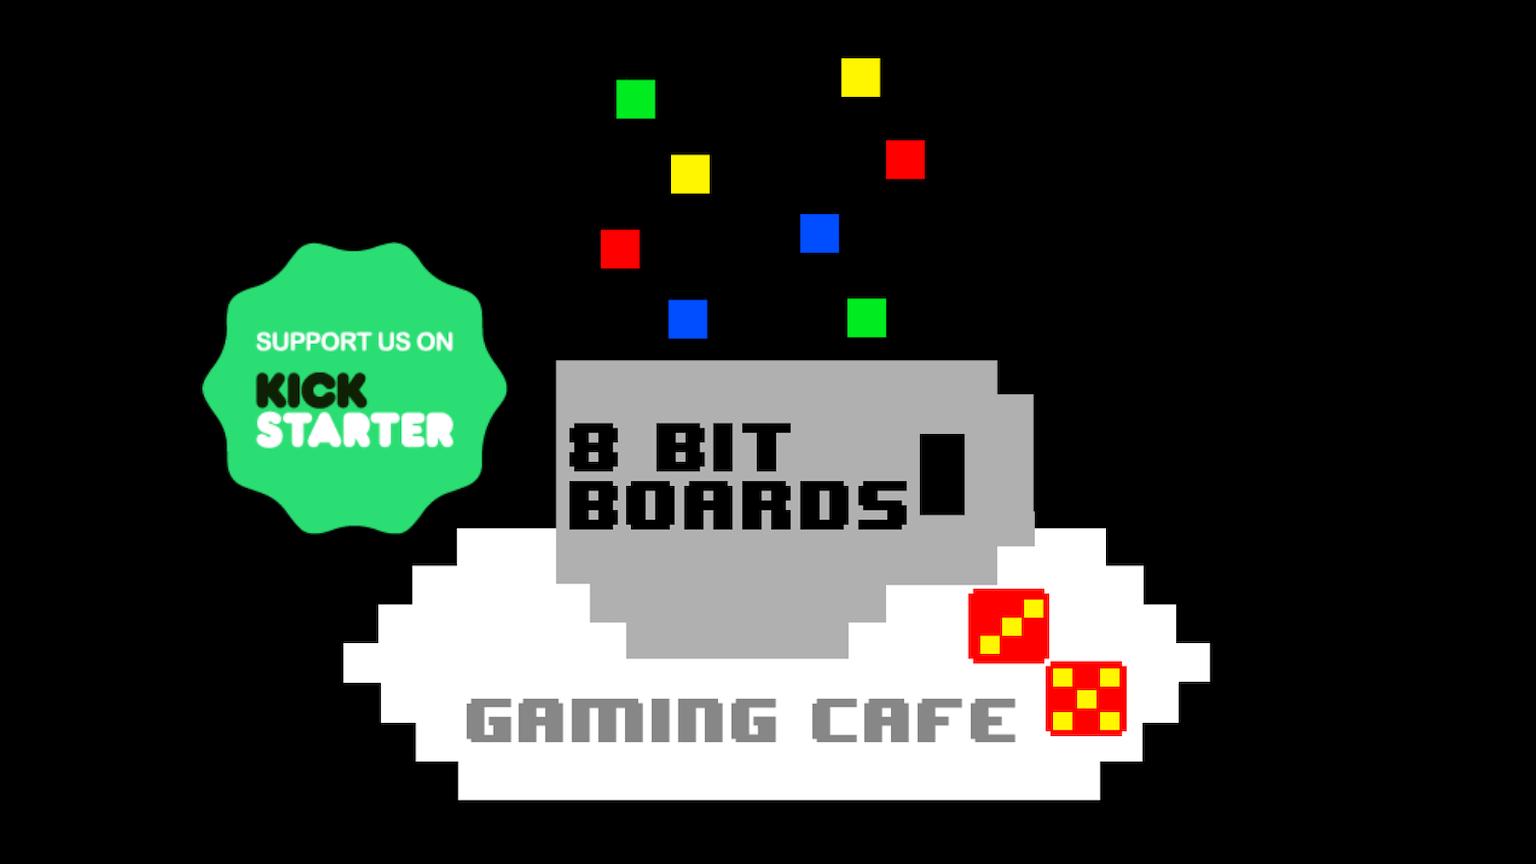 8bitboards board game and retro gaming caf by kieran james franklin kickstarter. Black Bedroom Furniture Sets. Home Design Ideas